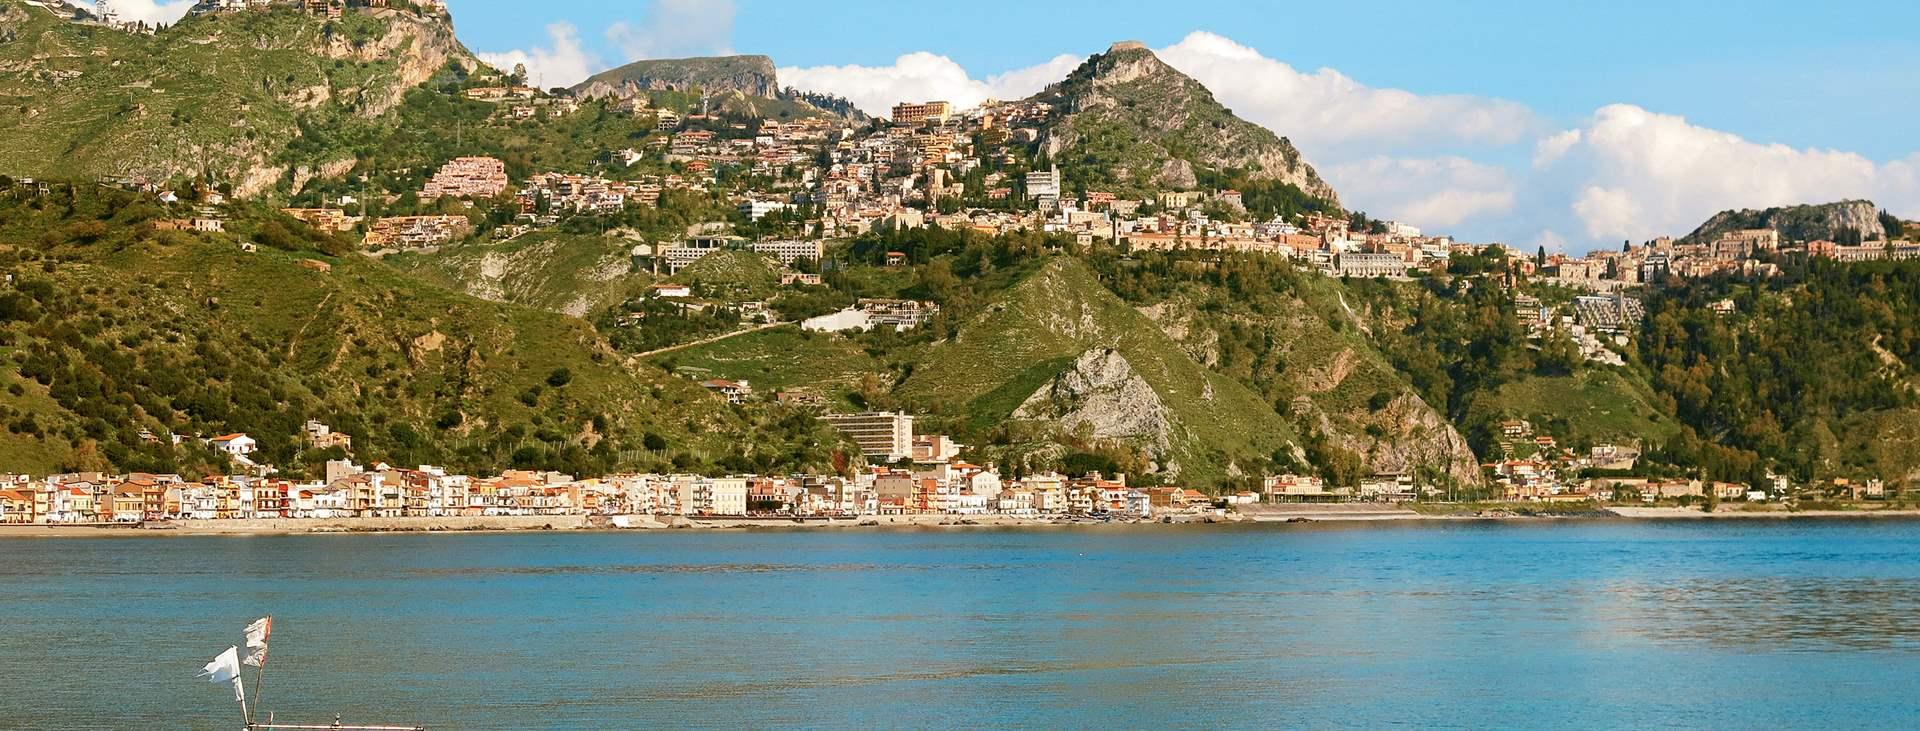 Reis til Giardini-Naxos på Sicilia i Italia